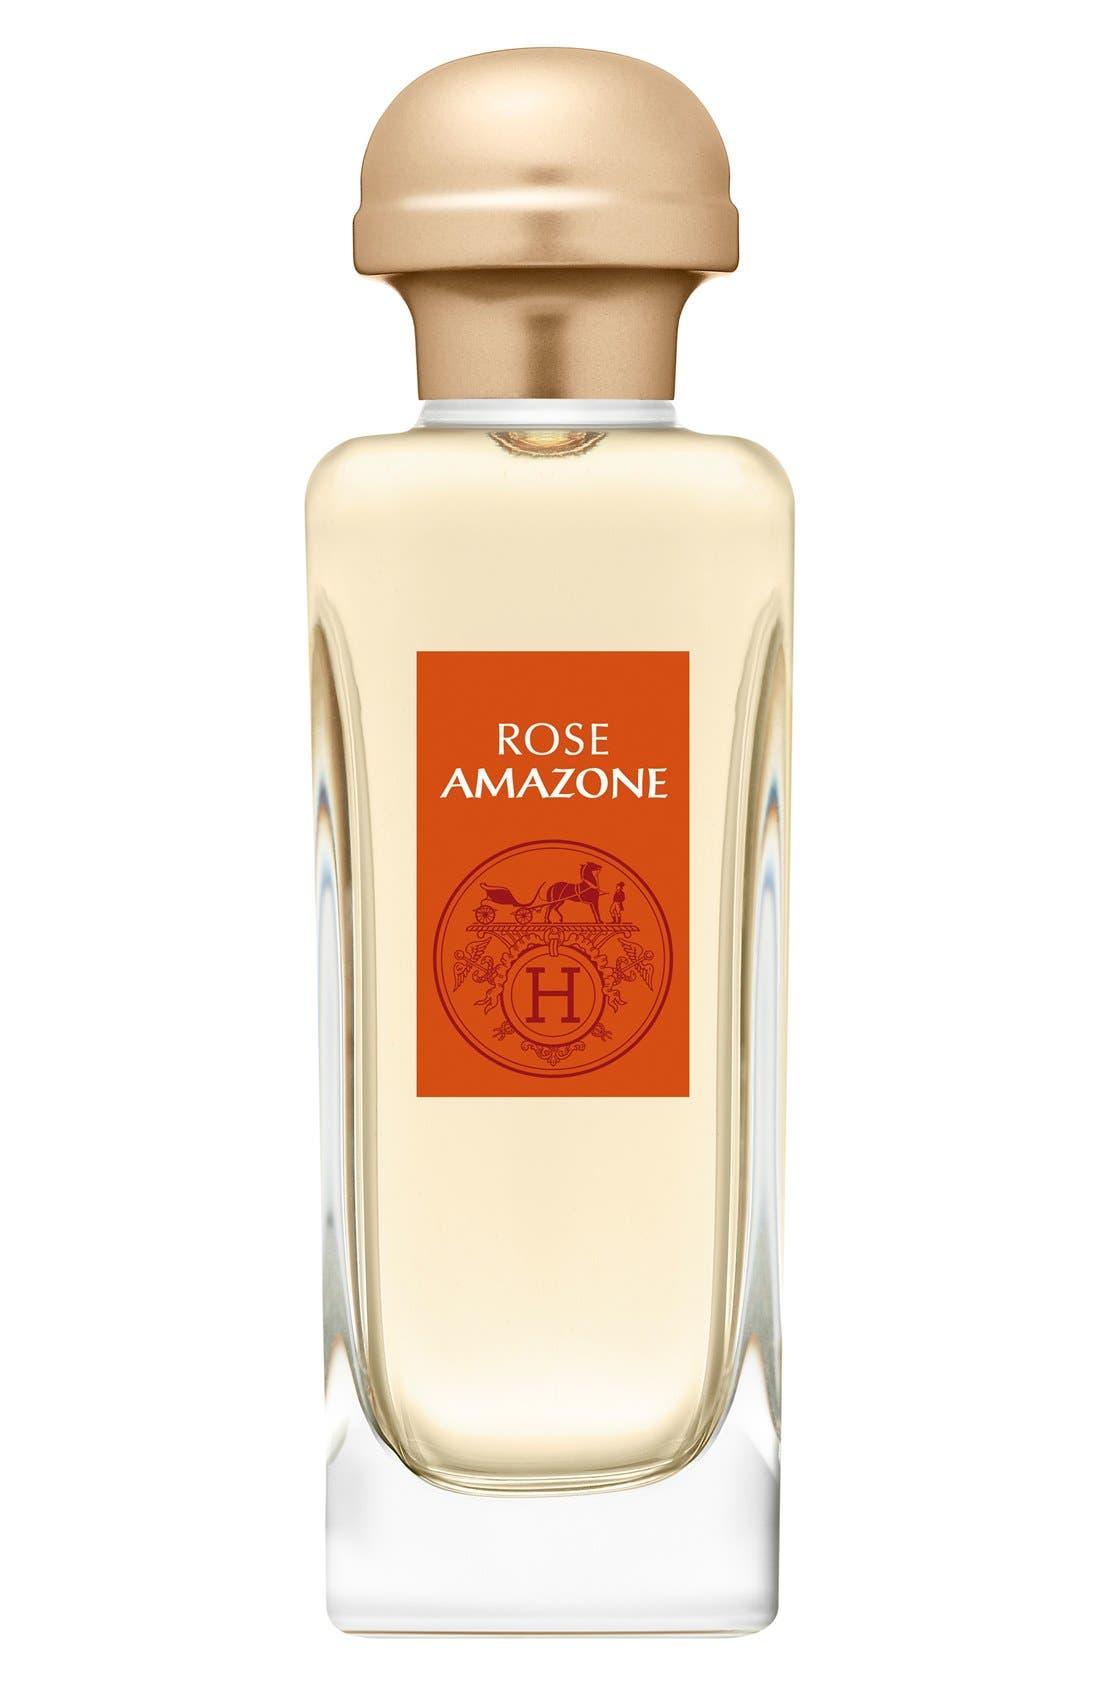 Rose Amazone - Eau de toilette natural spray,                             Main thumbnail 1, color,                             000